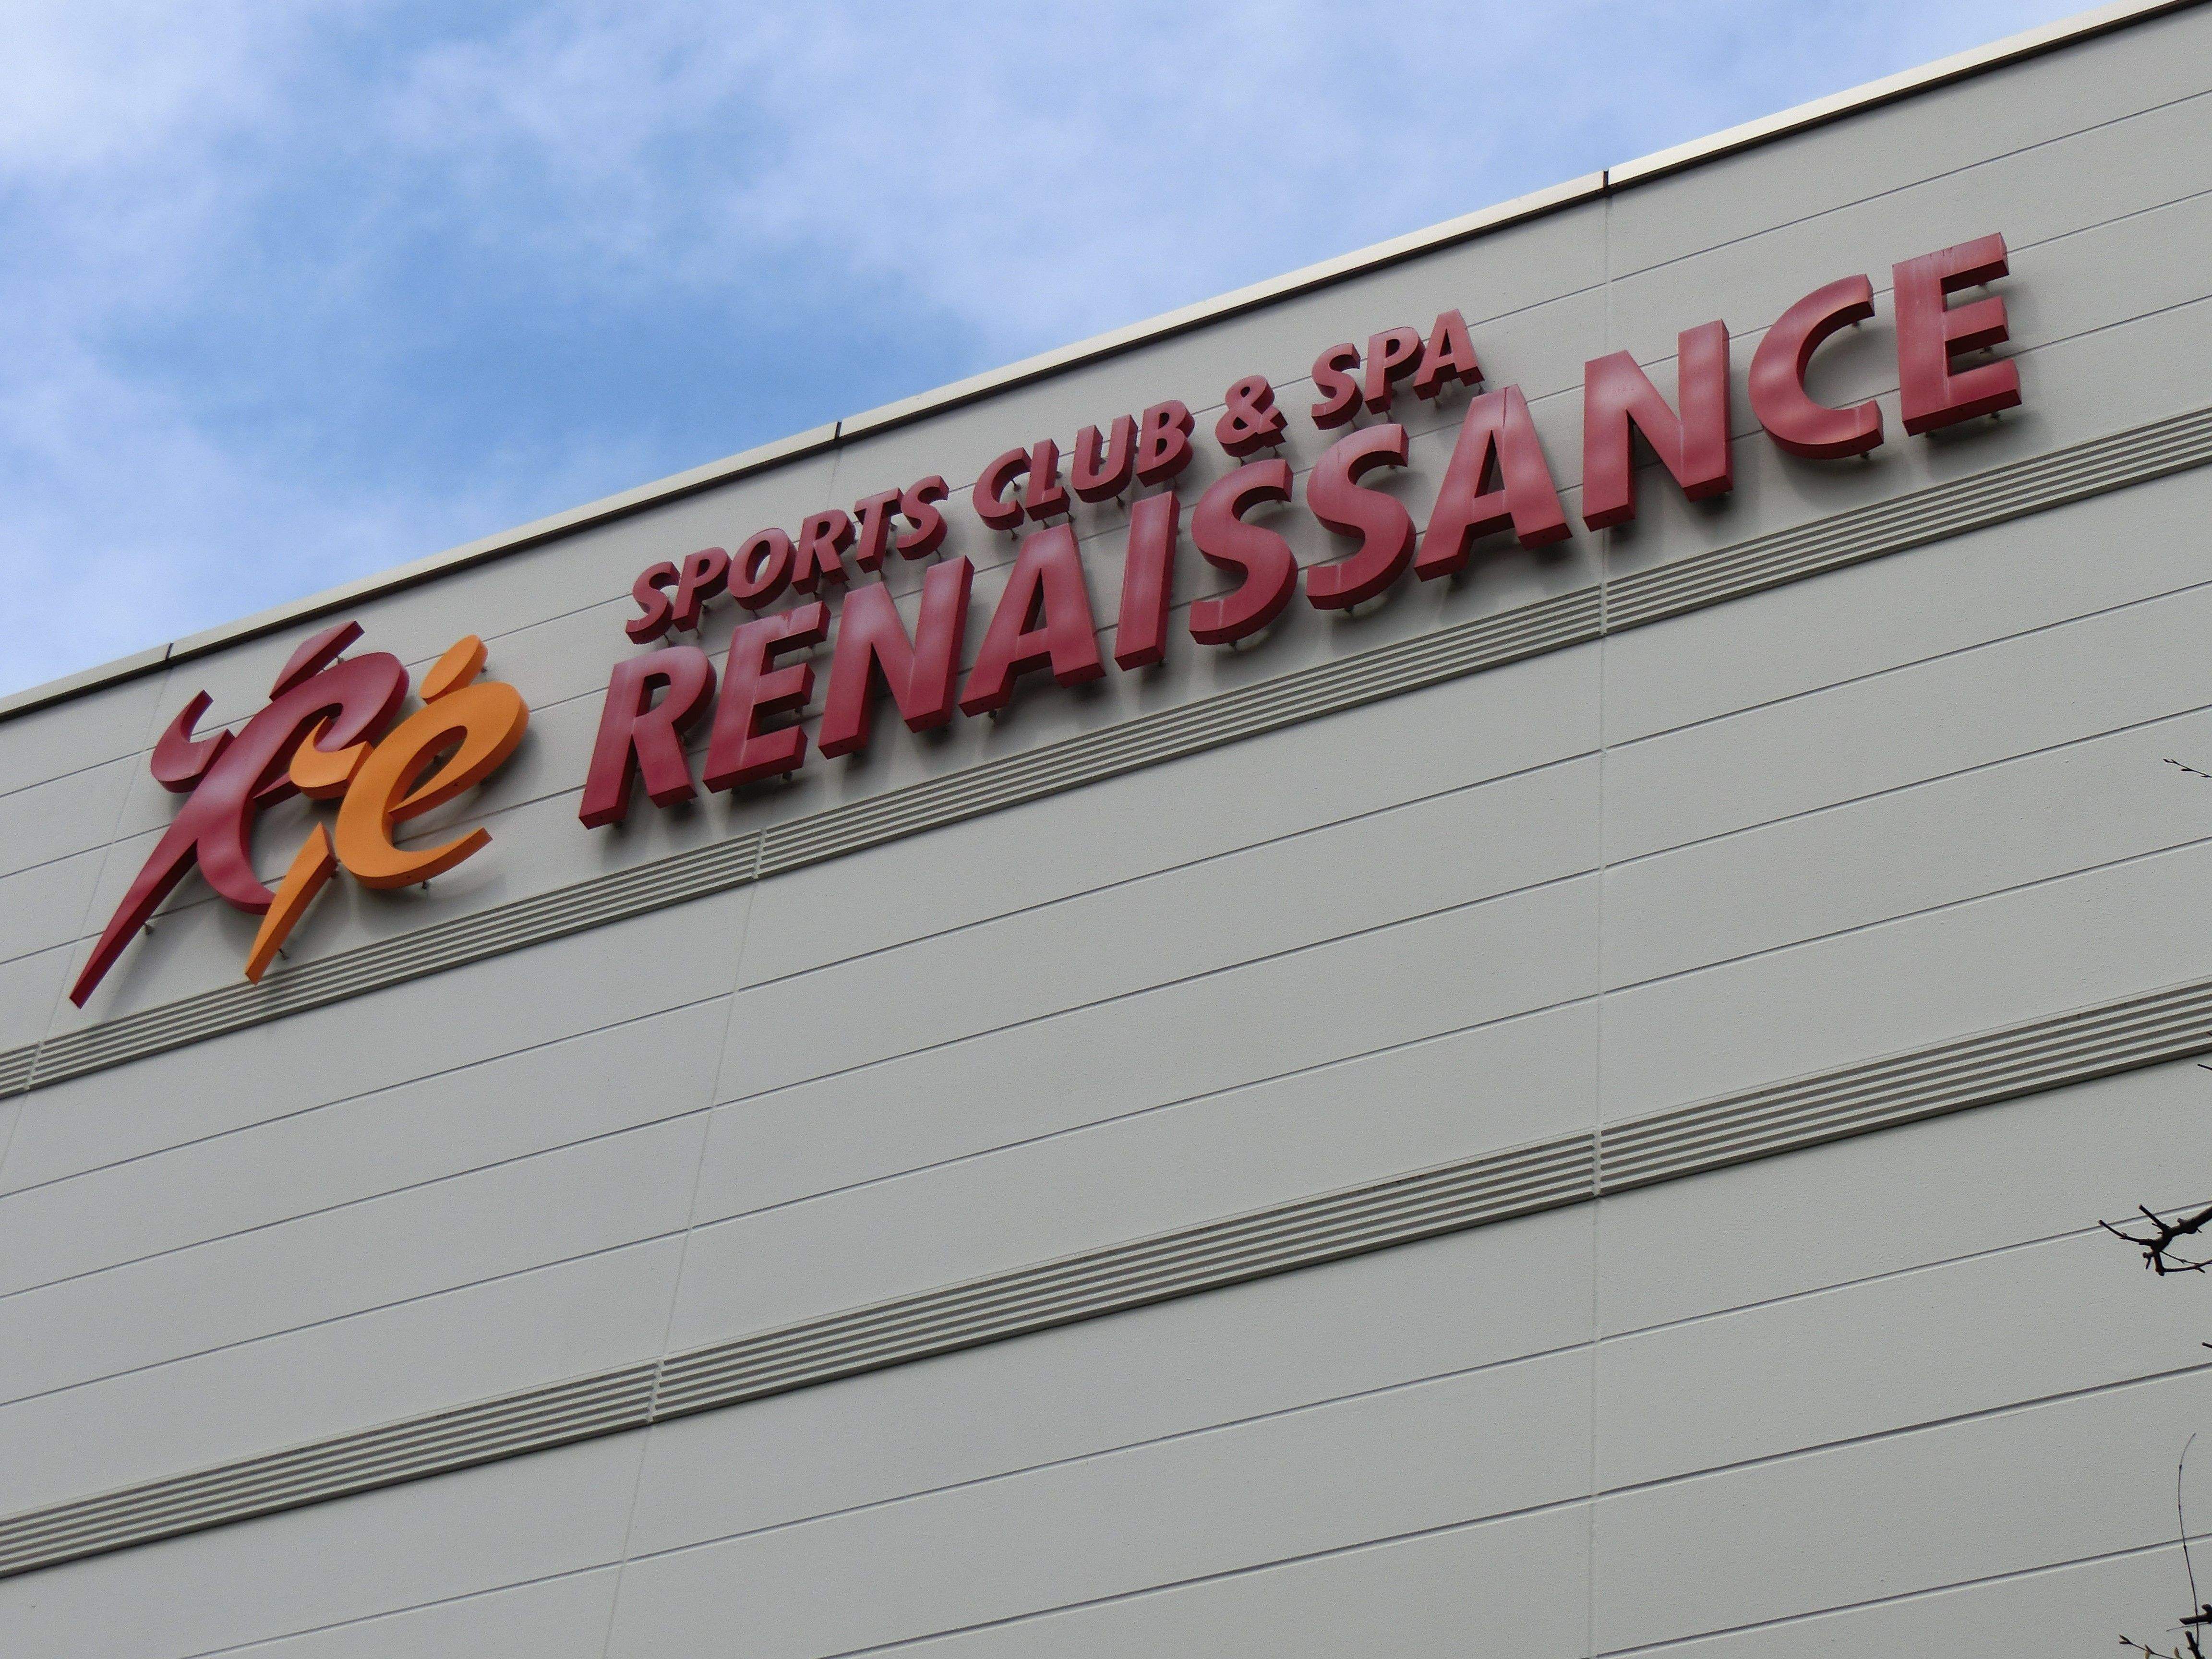 【スポーツクラブ】ルネサンスとゴールドジム、コロナ禍で買収の狙いは?